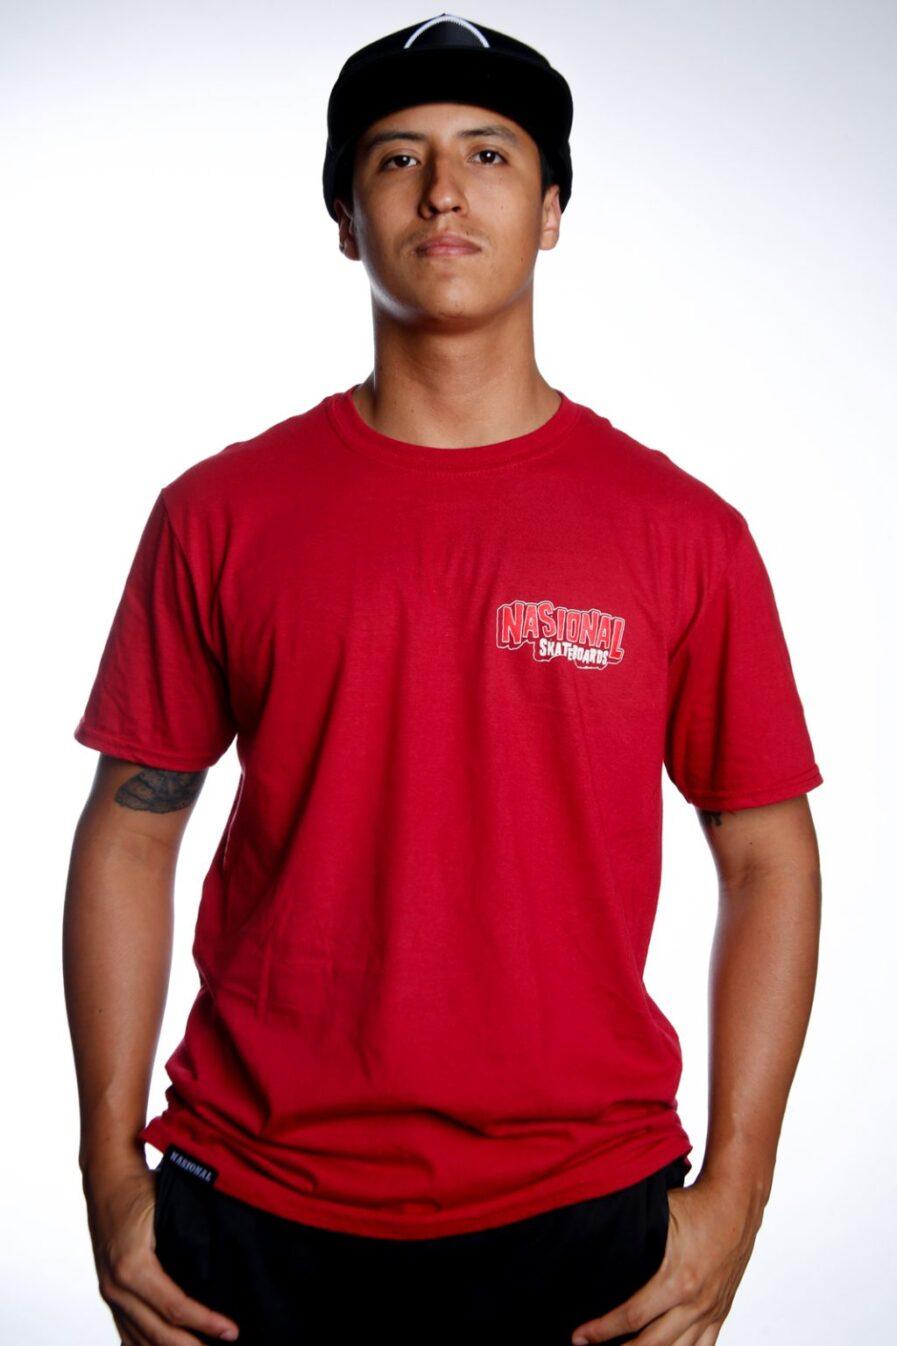 tshirt.nasional